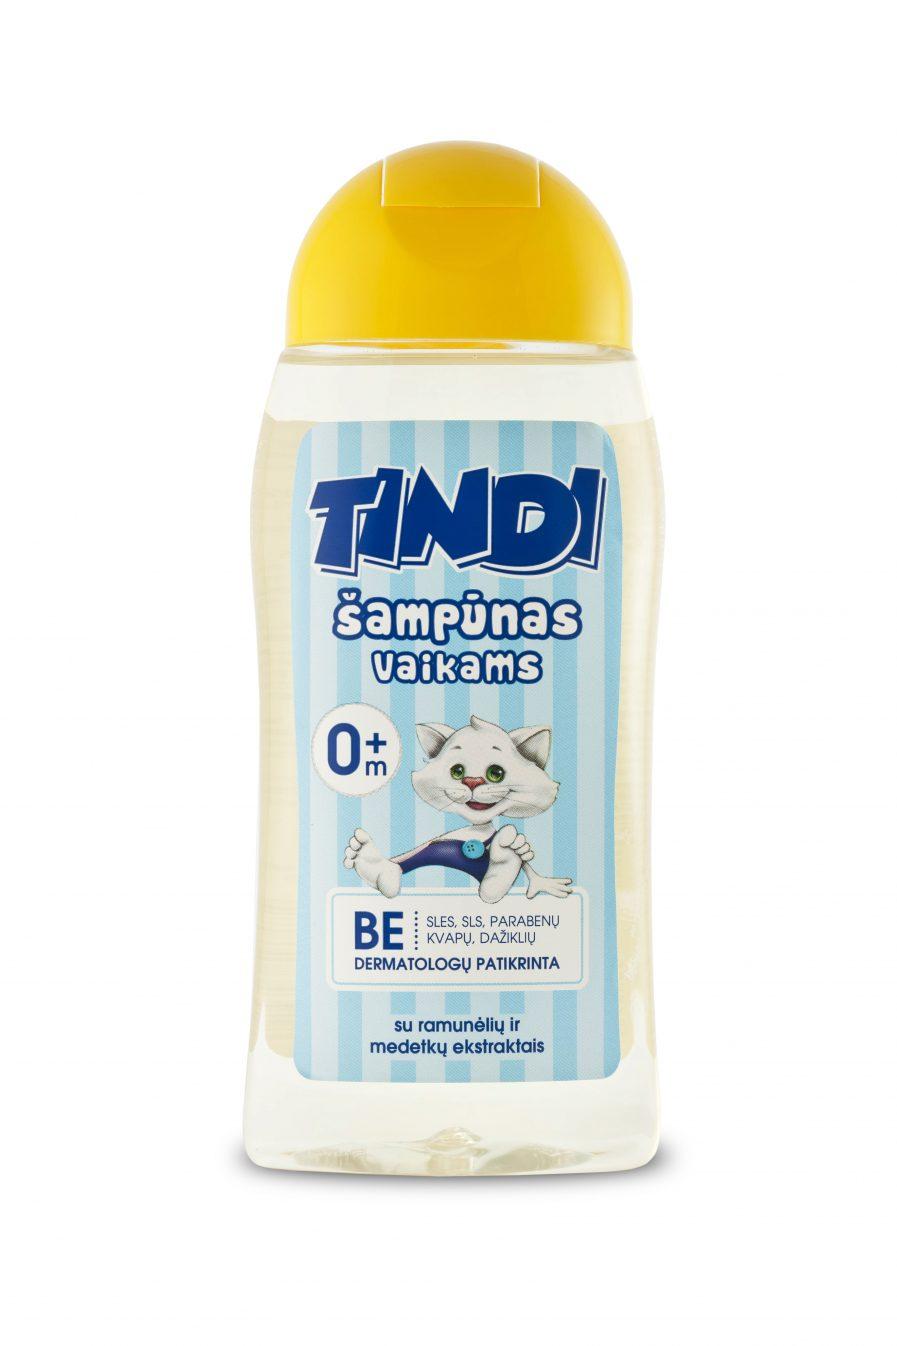 TINDI šampūnas vaikams su ramunėlių ir medetkų ekstraktais (210 ml)